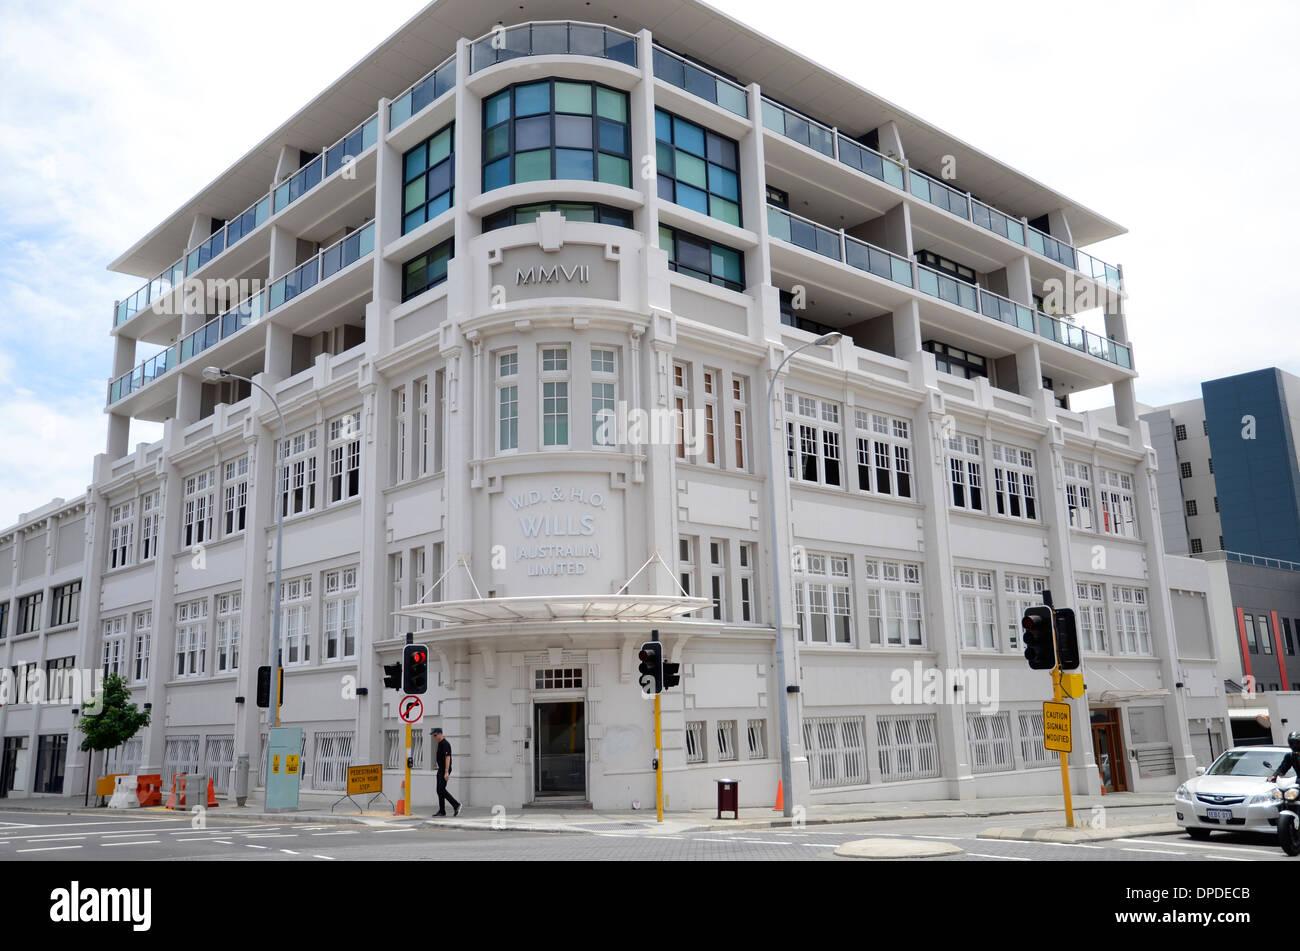 Art Deco In Australia Art deco BrisbaneArt deco Brisbane new